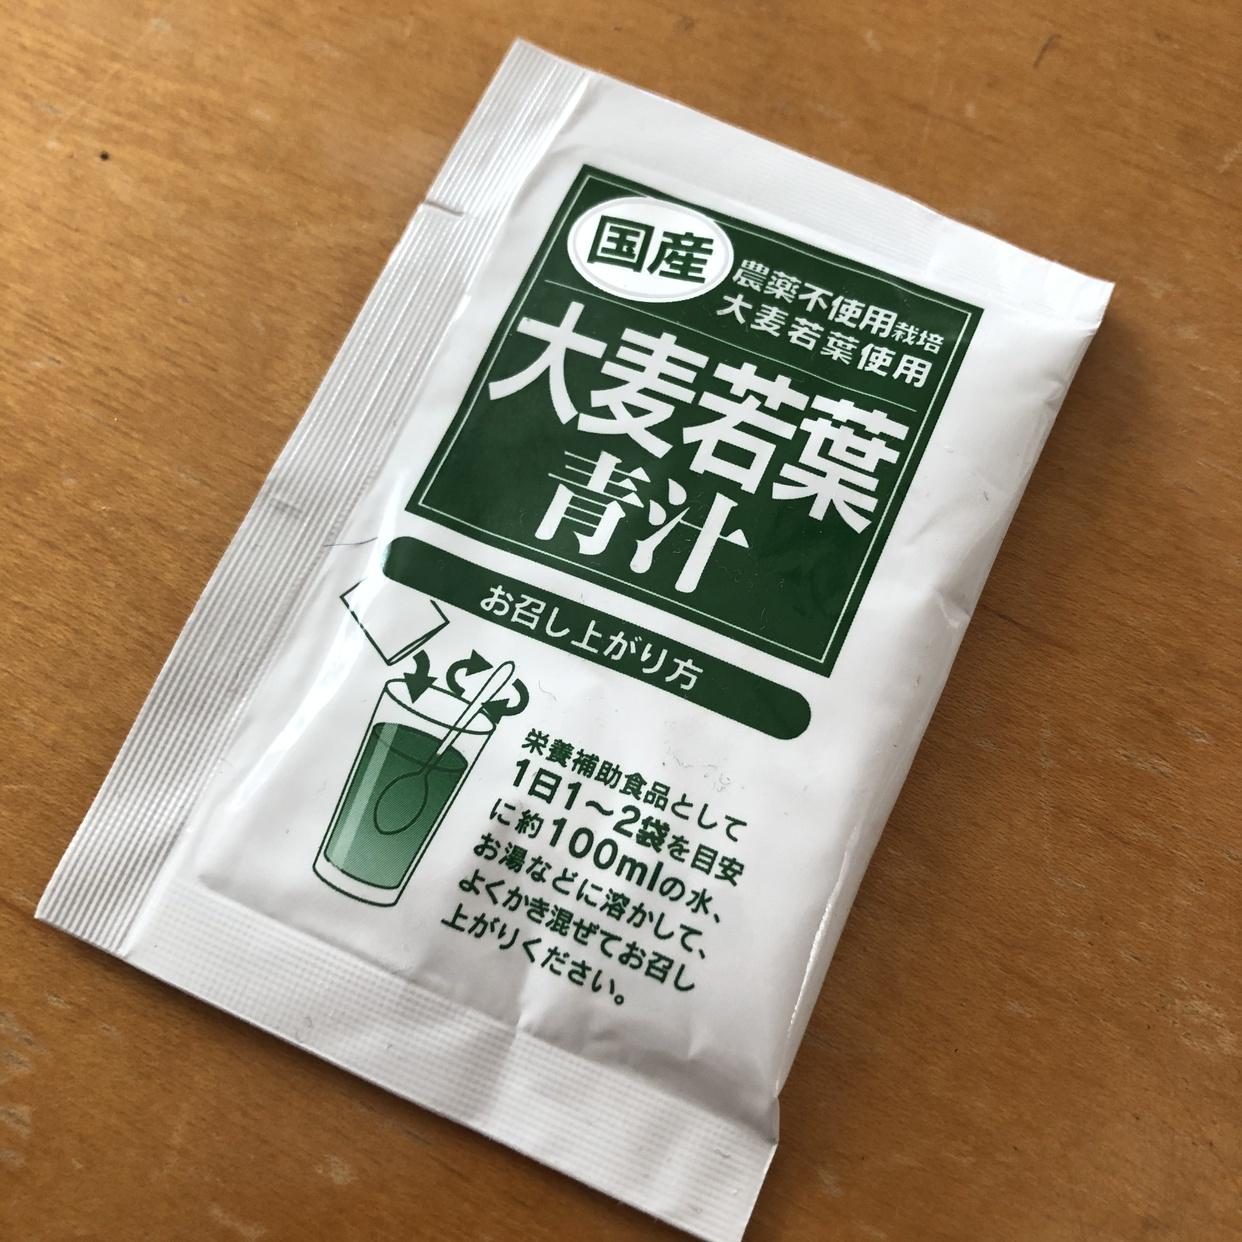 ニップン 国産大麦若葉青汁を使ったx15256さんのクチコミ画像